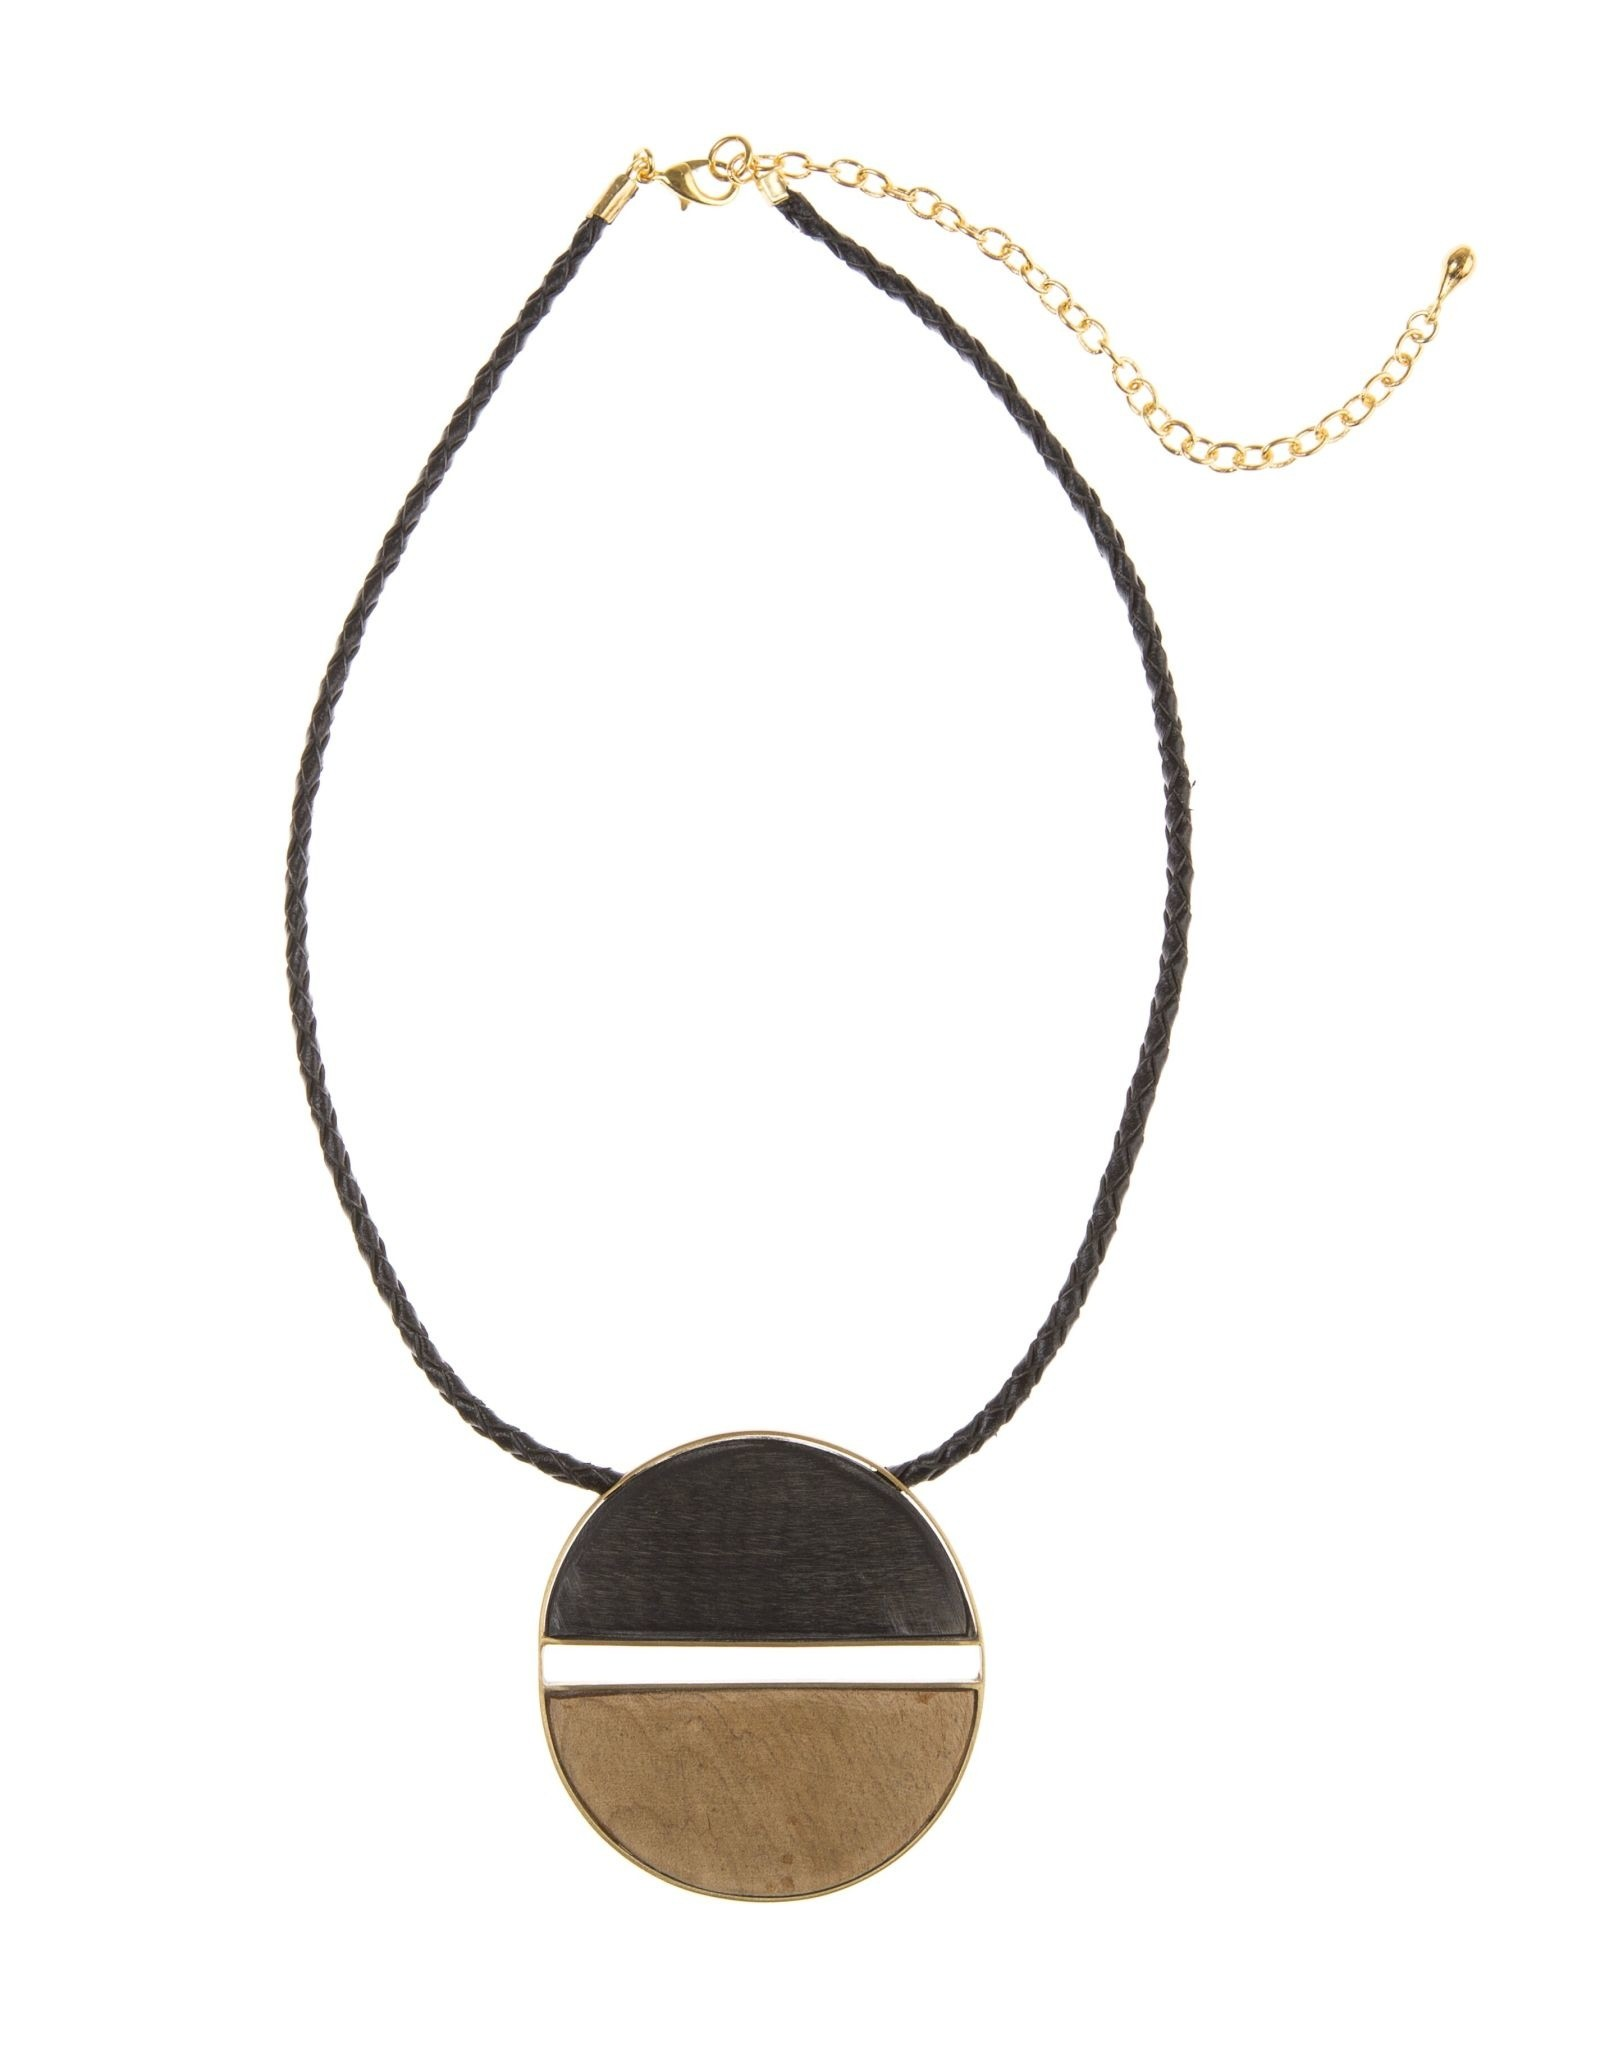 Vietnam, Emilia Pendant Horn, Necklace, Dark